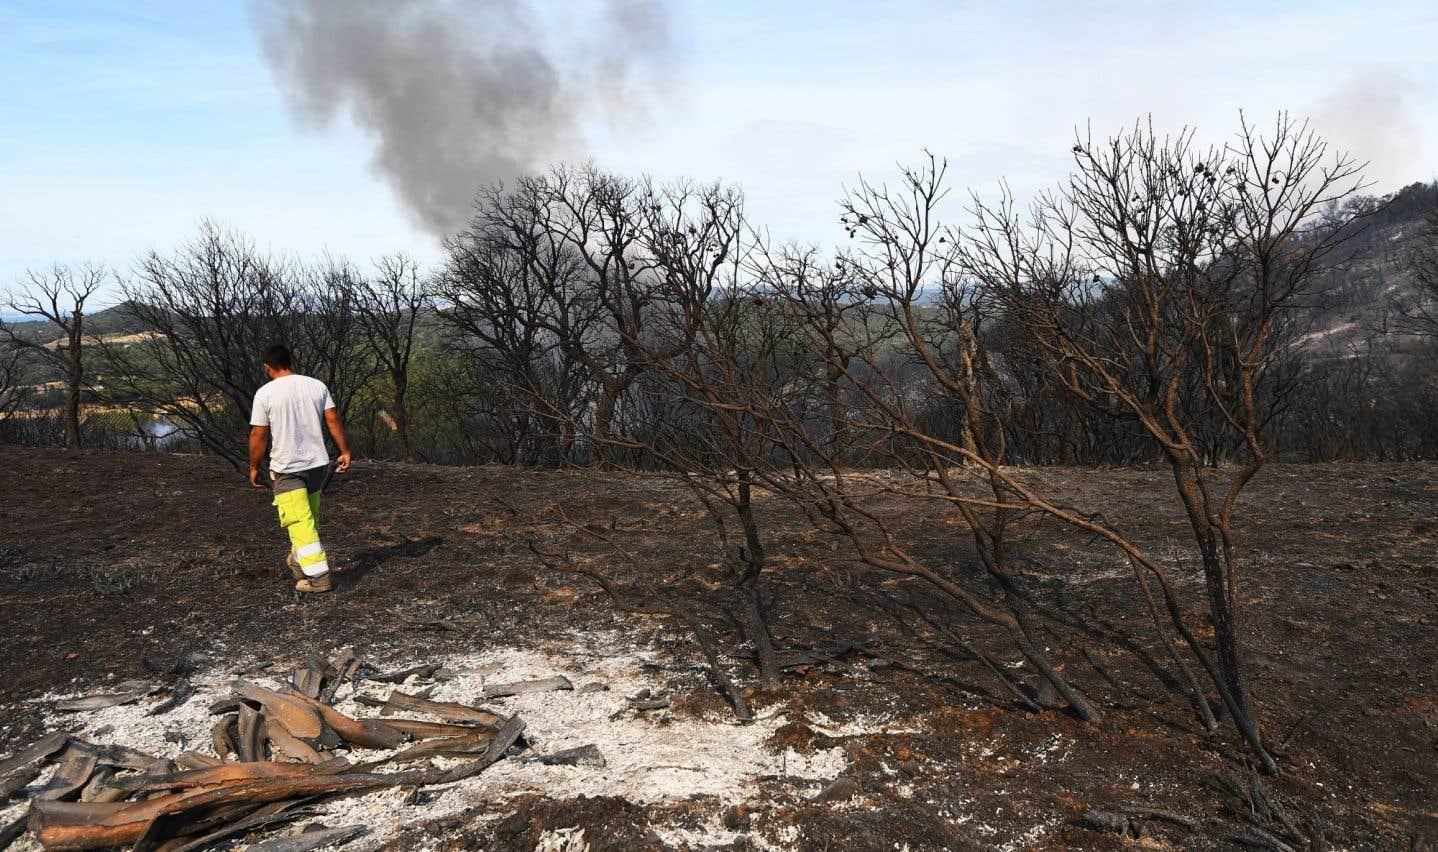 Amélioration sur le front des incendies en France et au Portugal